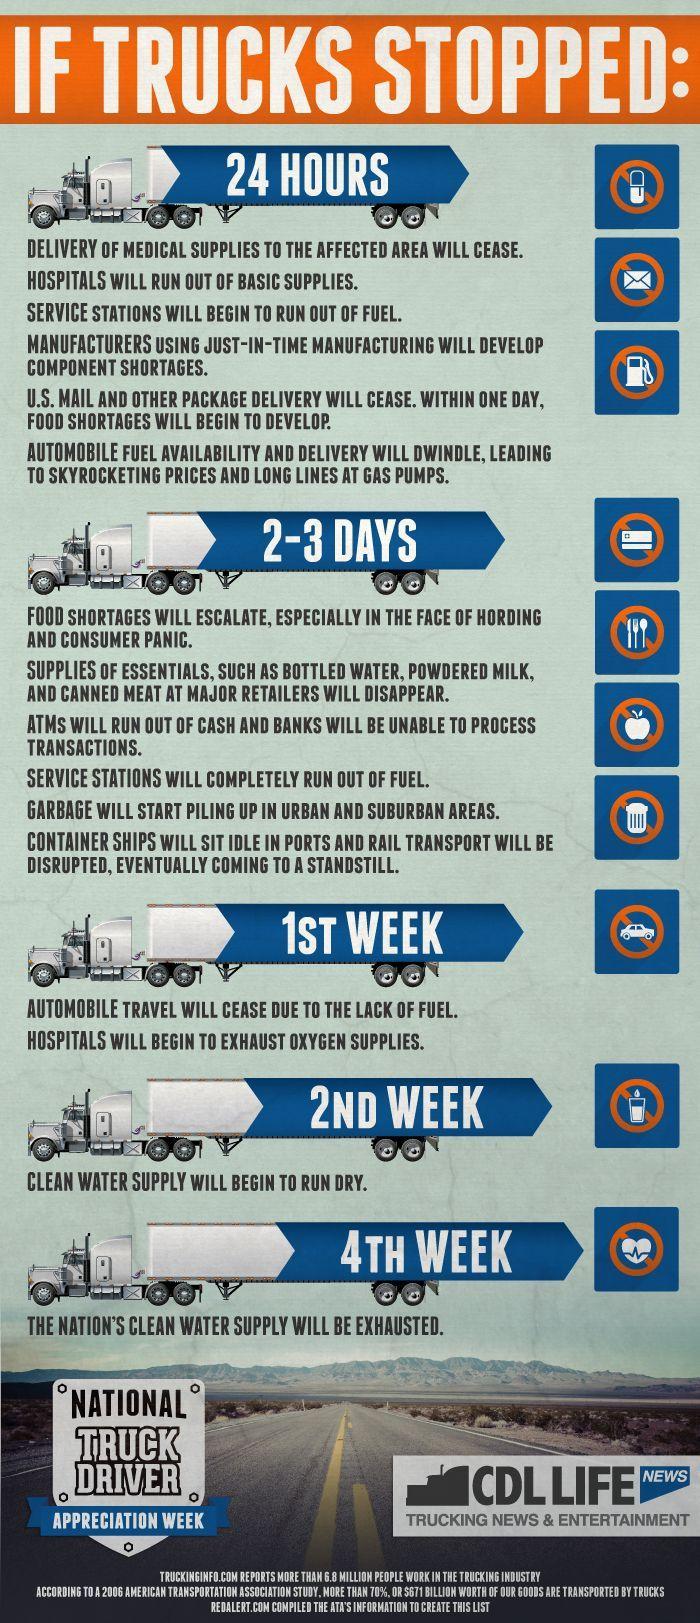 1fbaa101ccb34544630fb6003c6a1d4a--truck-drivers-truck-driver-quotes.jpg